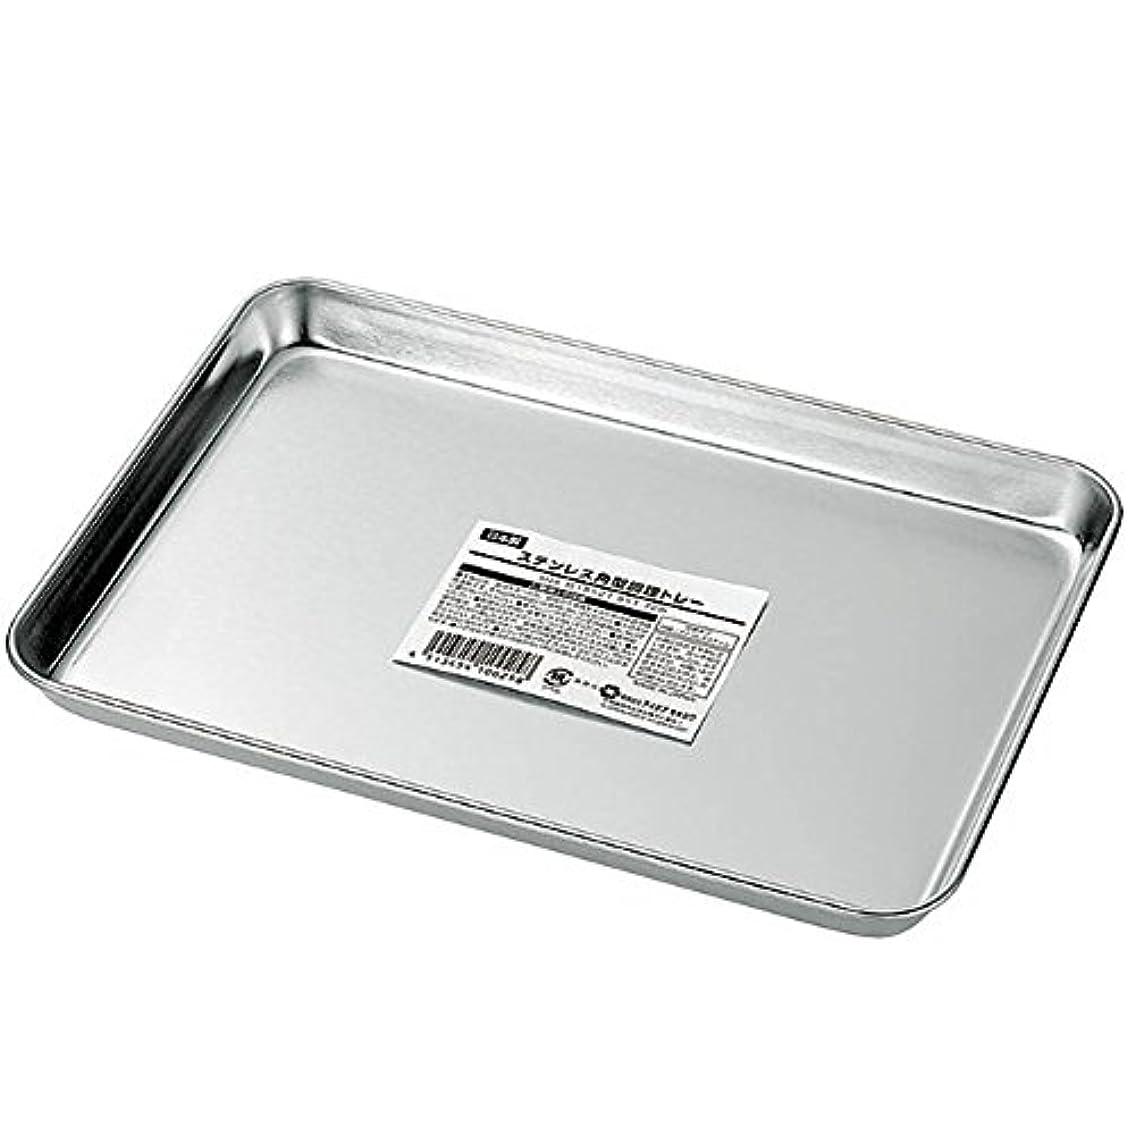 祭り大邸宅インフルエンザエコー金属 ステンレス角型調理トレー 0321-099